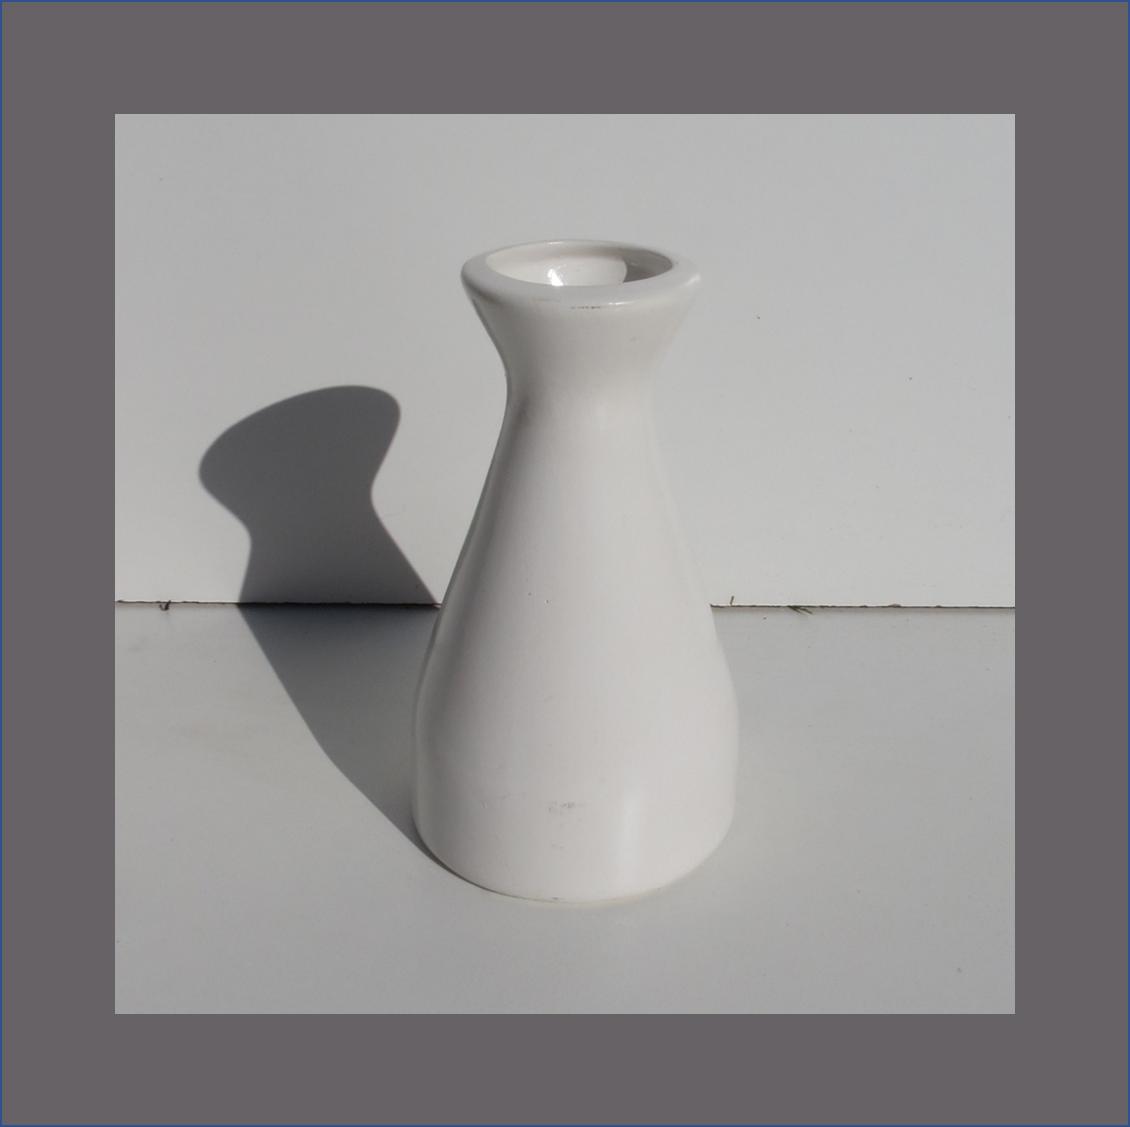 versnit-porcelain-vase